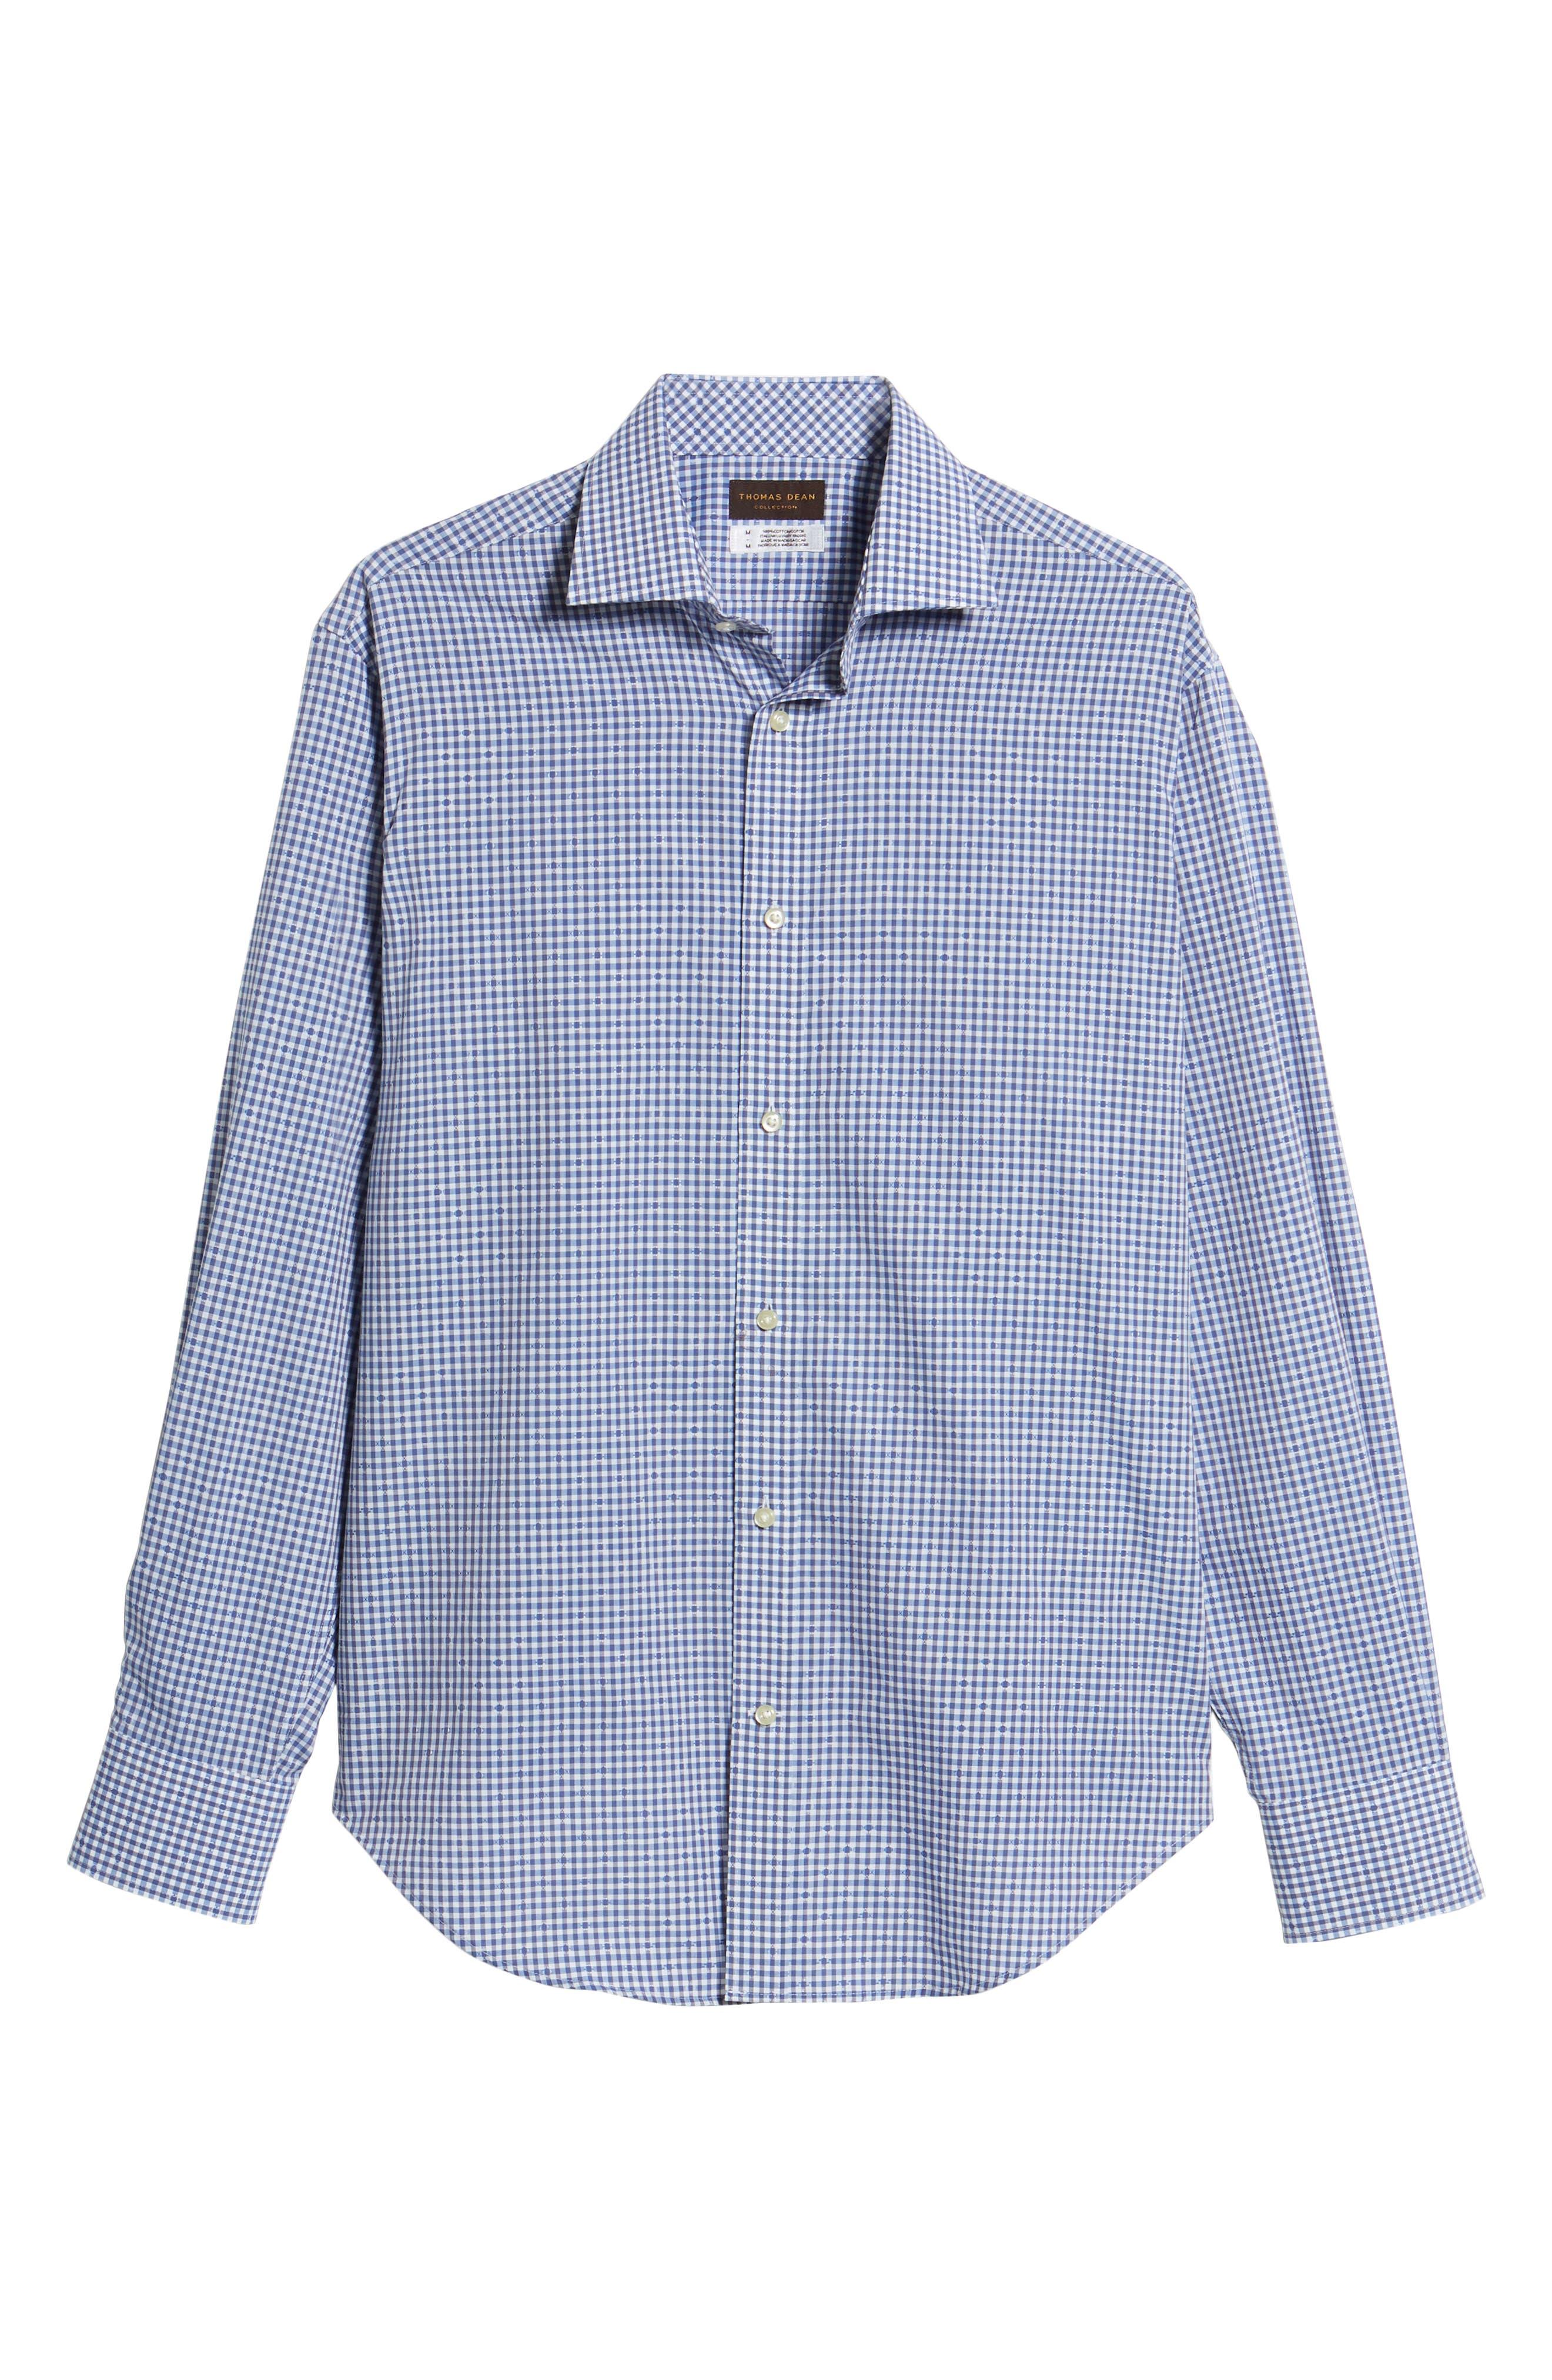 Mini Check Sport Shirt,                             Alternate thumbnail 6, color,                             400